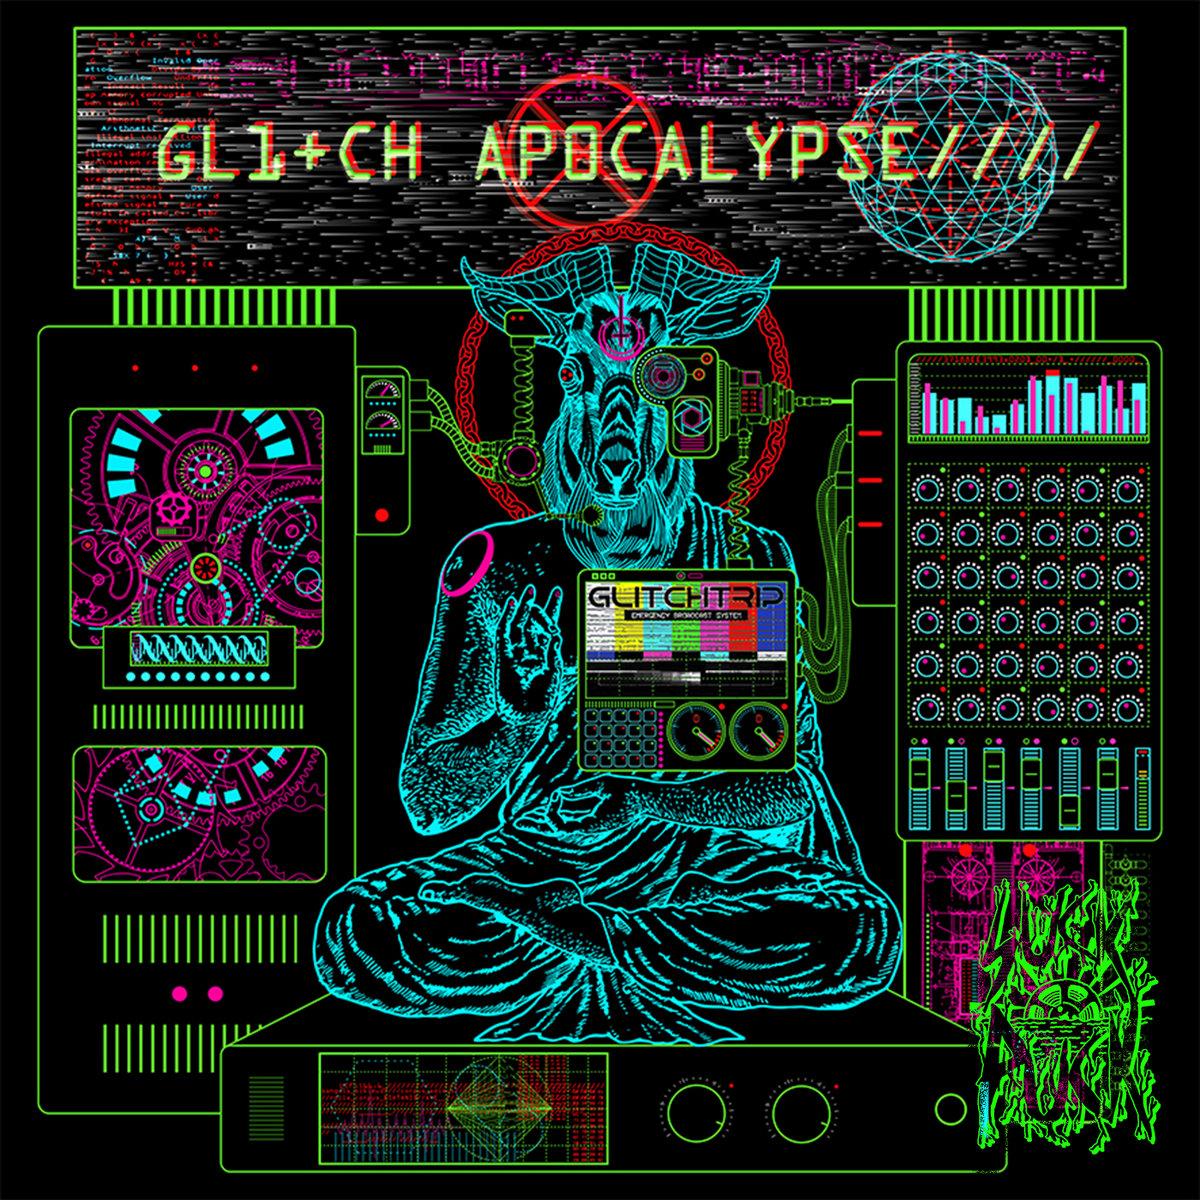 Glitch Apocalypse Suck Puck Recordz